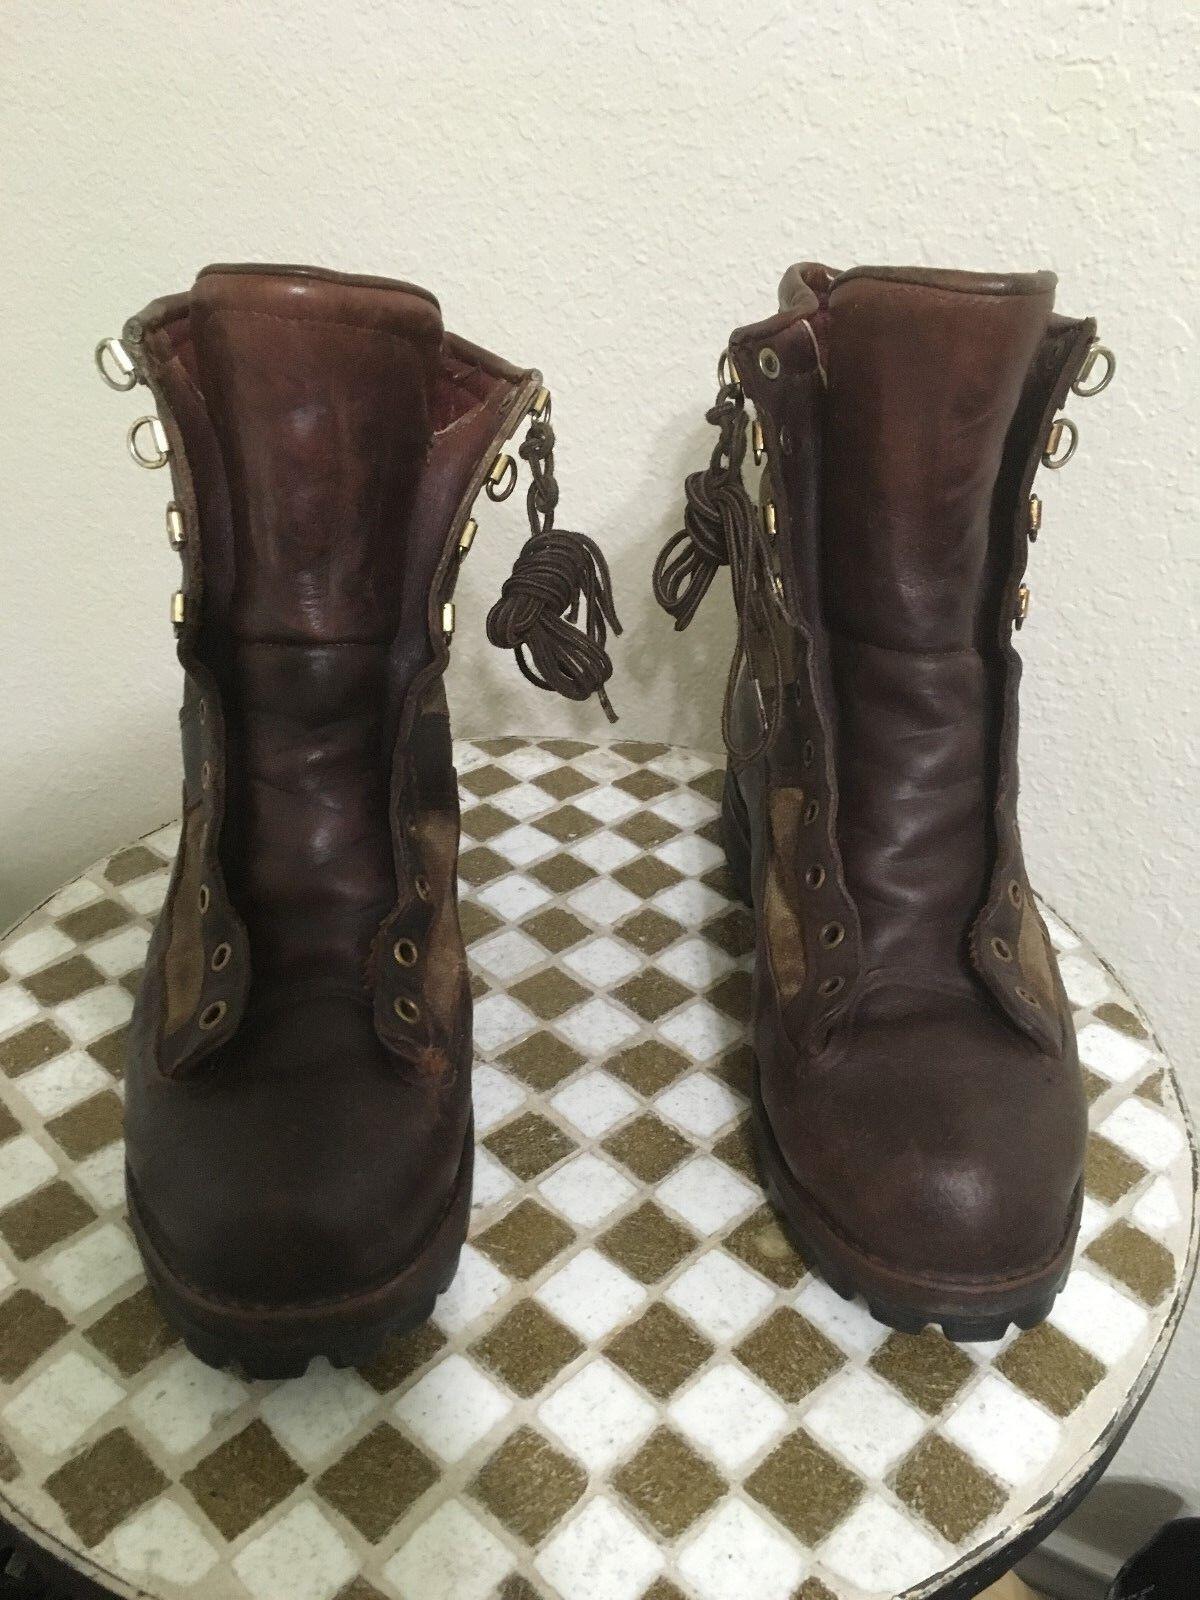 Estilo vintage con aspecto envejecido DANNER leathertrucker botas de trabajo 10 M